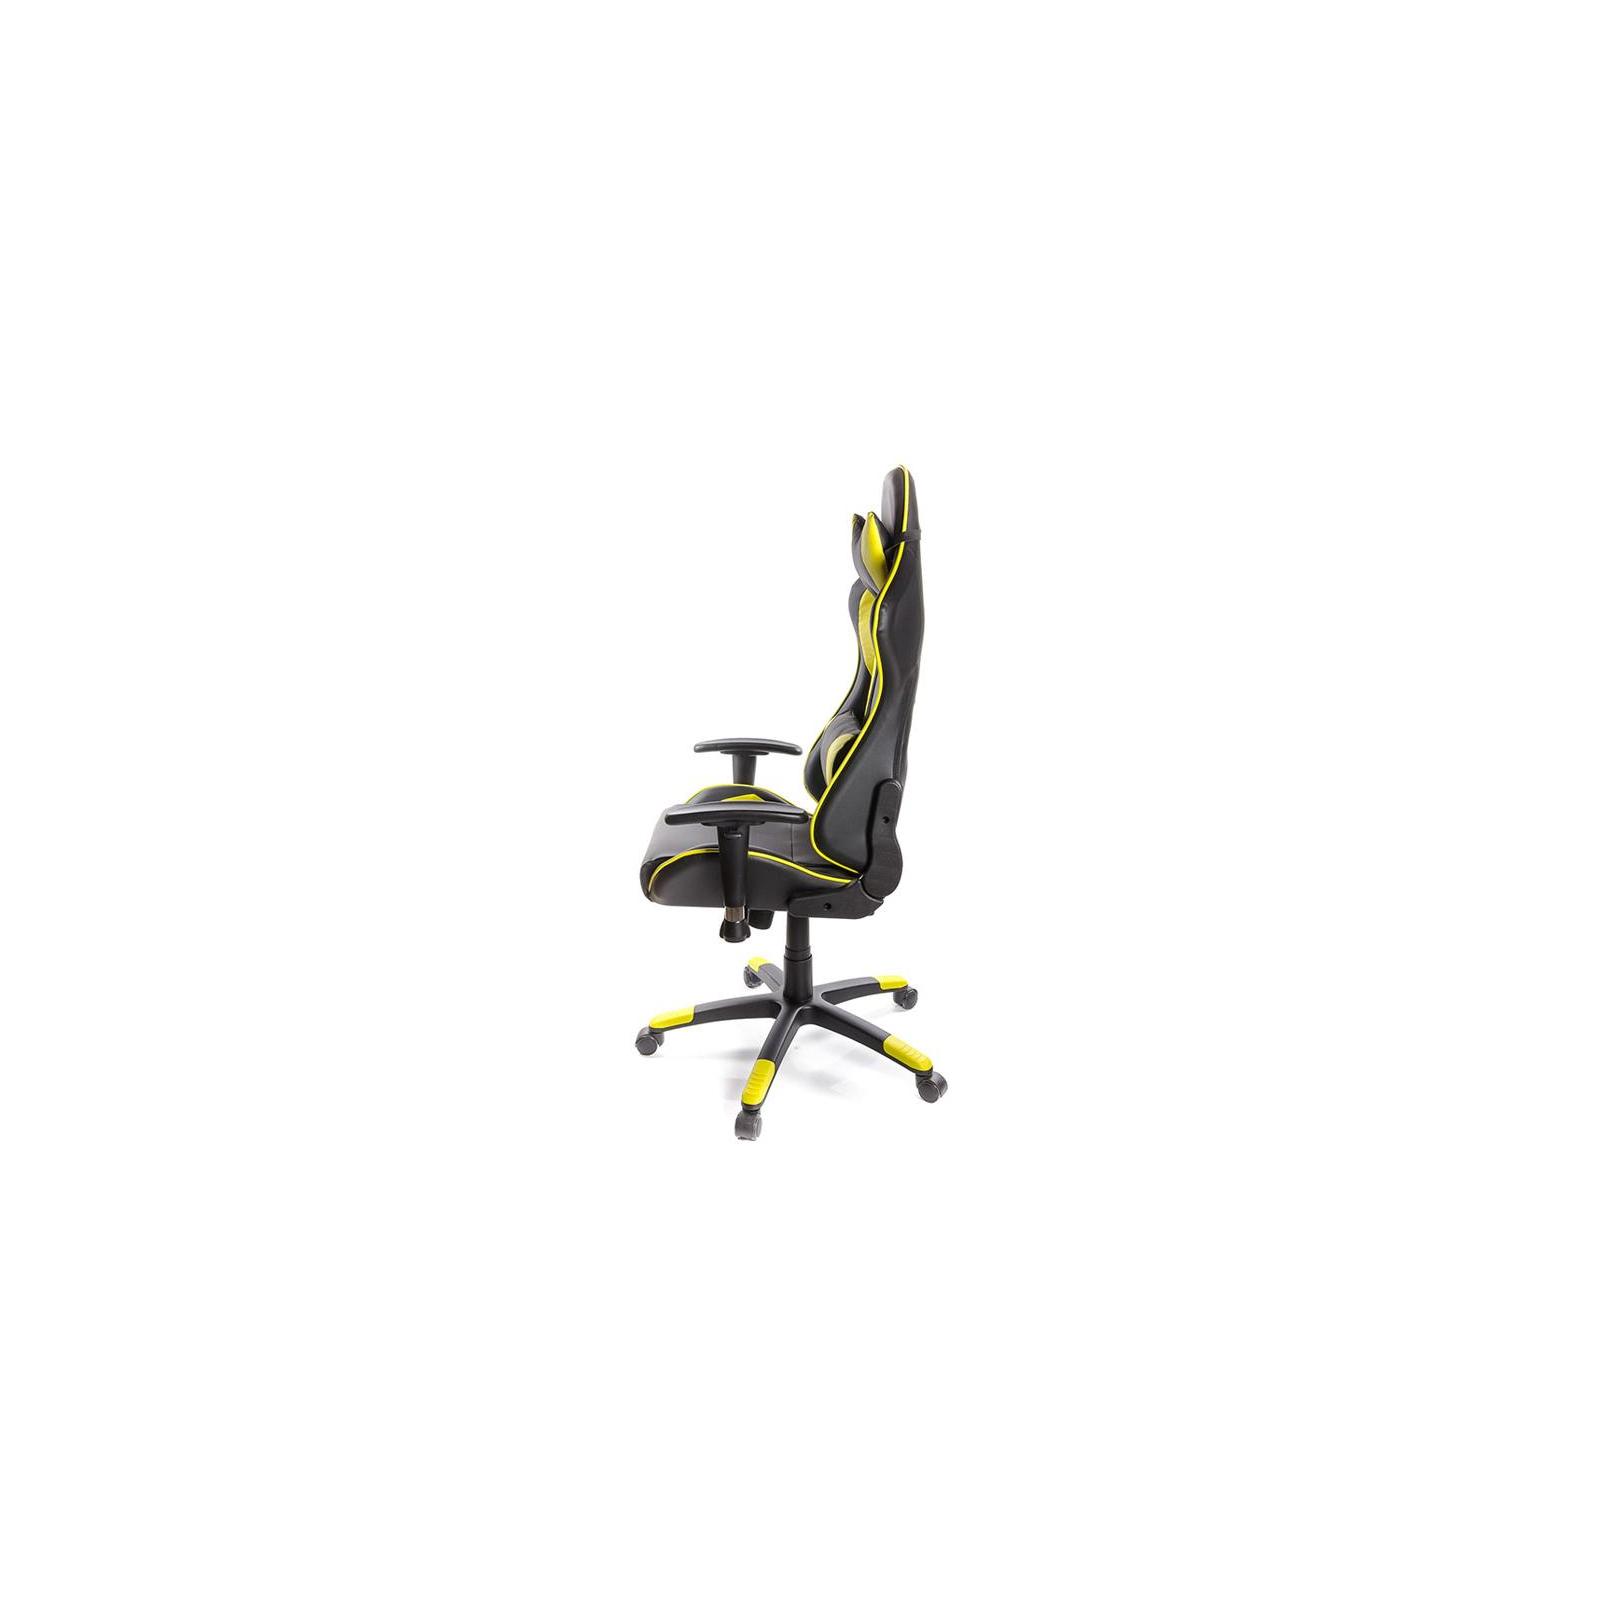 Кресло игровое АКЛАС Хорнет PL RL Желтое (06153) изображение 3